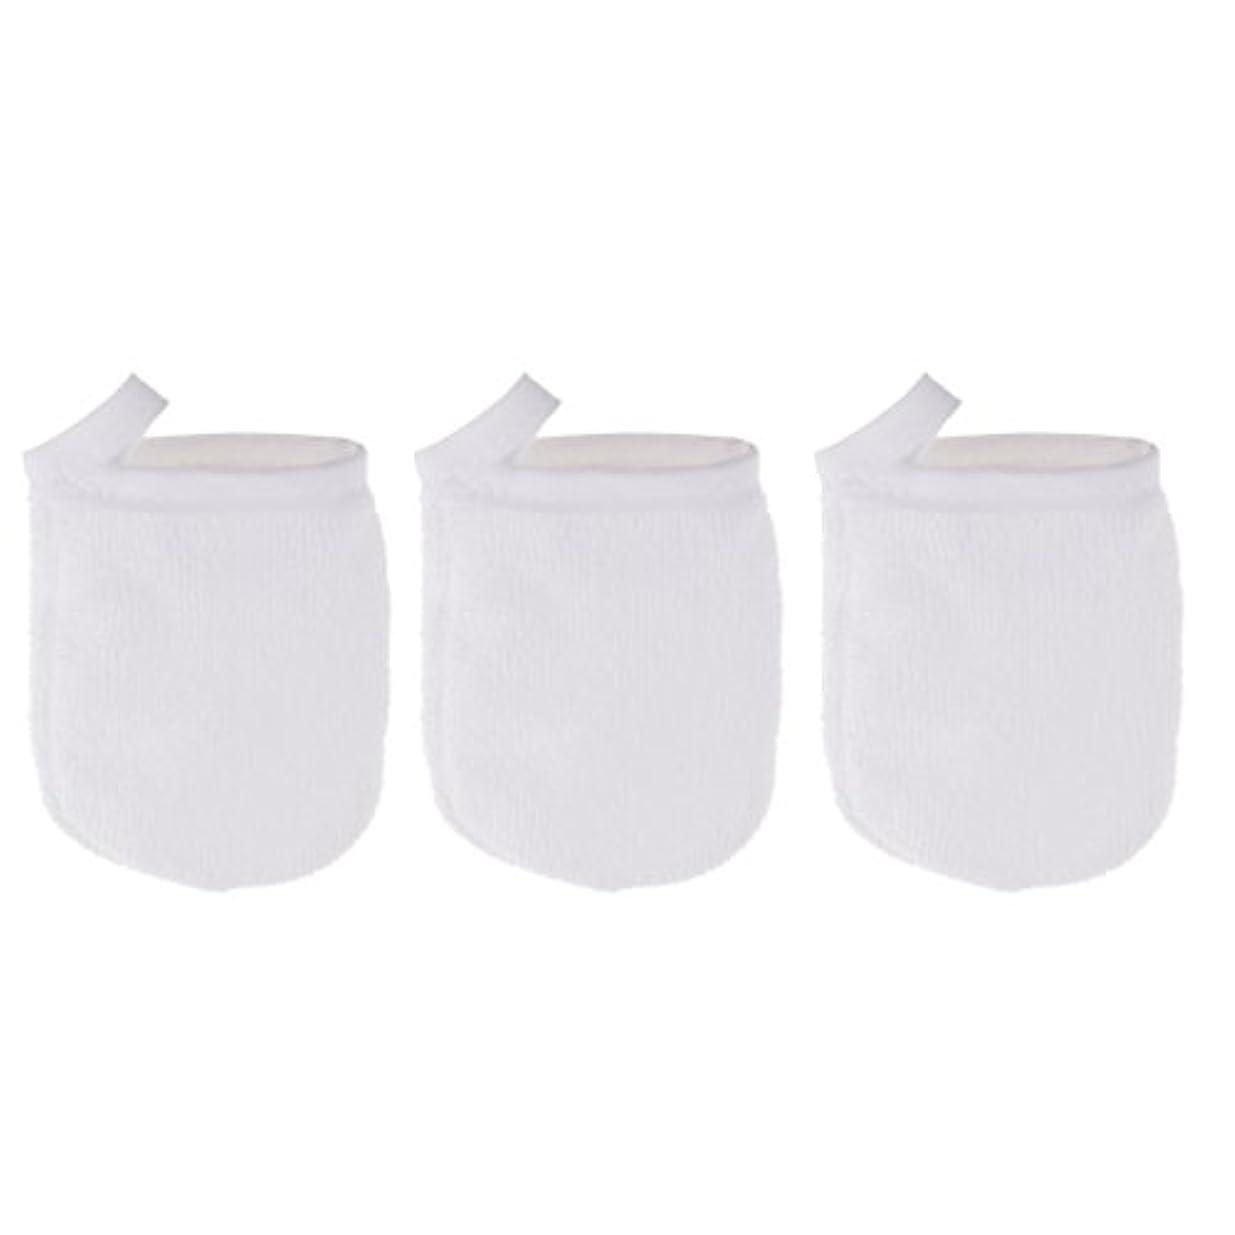 スノーケルライン国旗Perfk 3個 クレンジンググローブ 手袋 洗顔グローブ 肌に気持ちいい フェイシャル 美容 ソフト マイクロファイバー グローブ メイクリムーバークロス 再使用可能